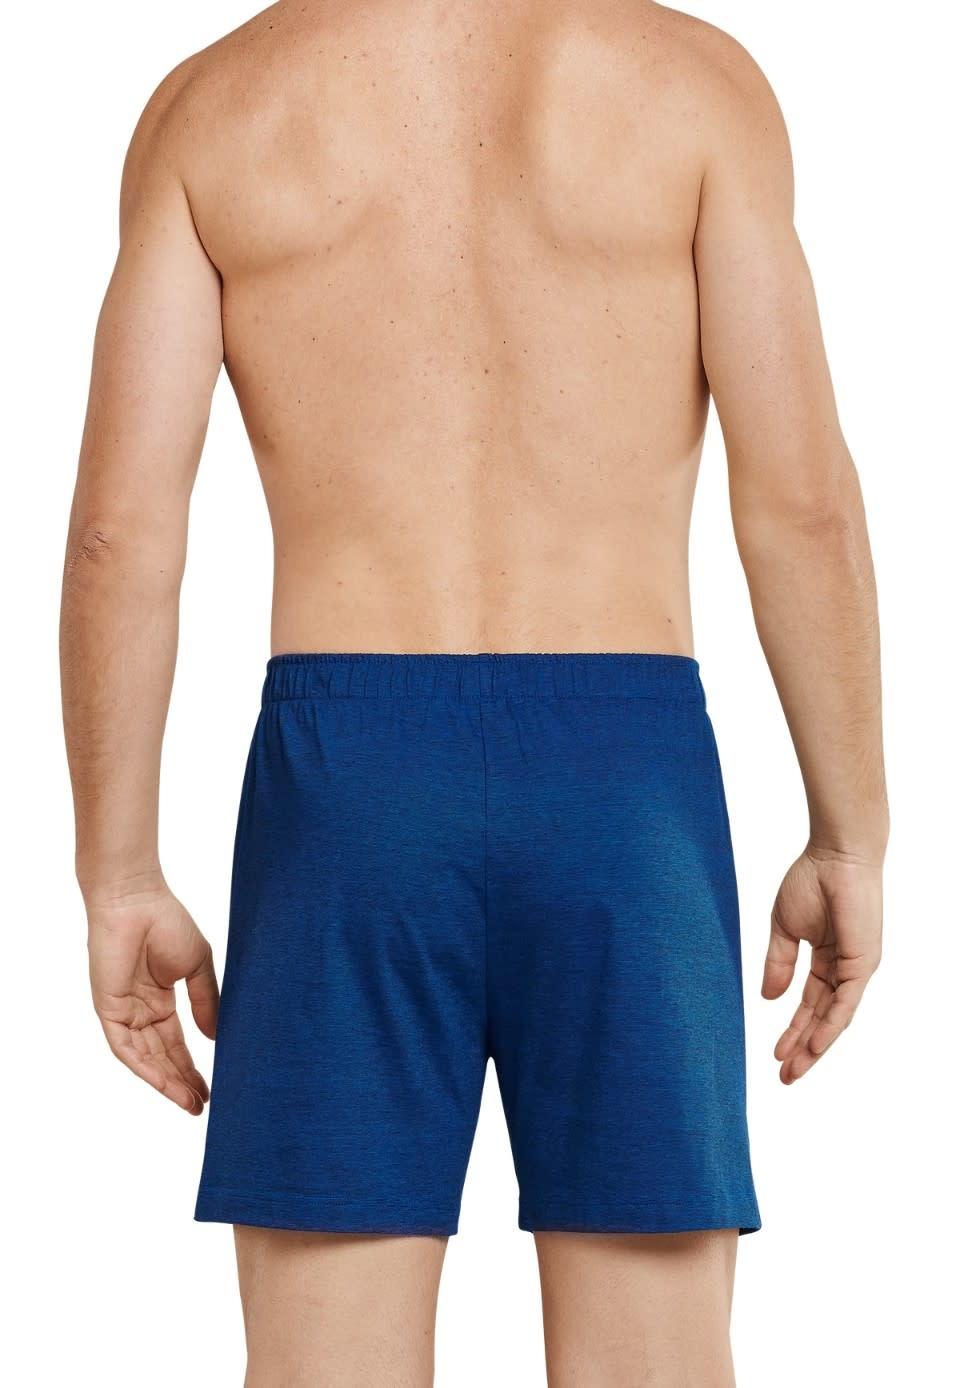 Boxershort 2-Pack 168446 - blauw/zwart-3